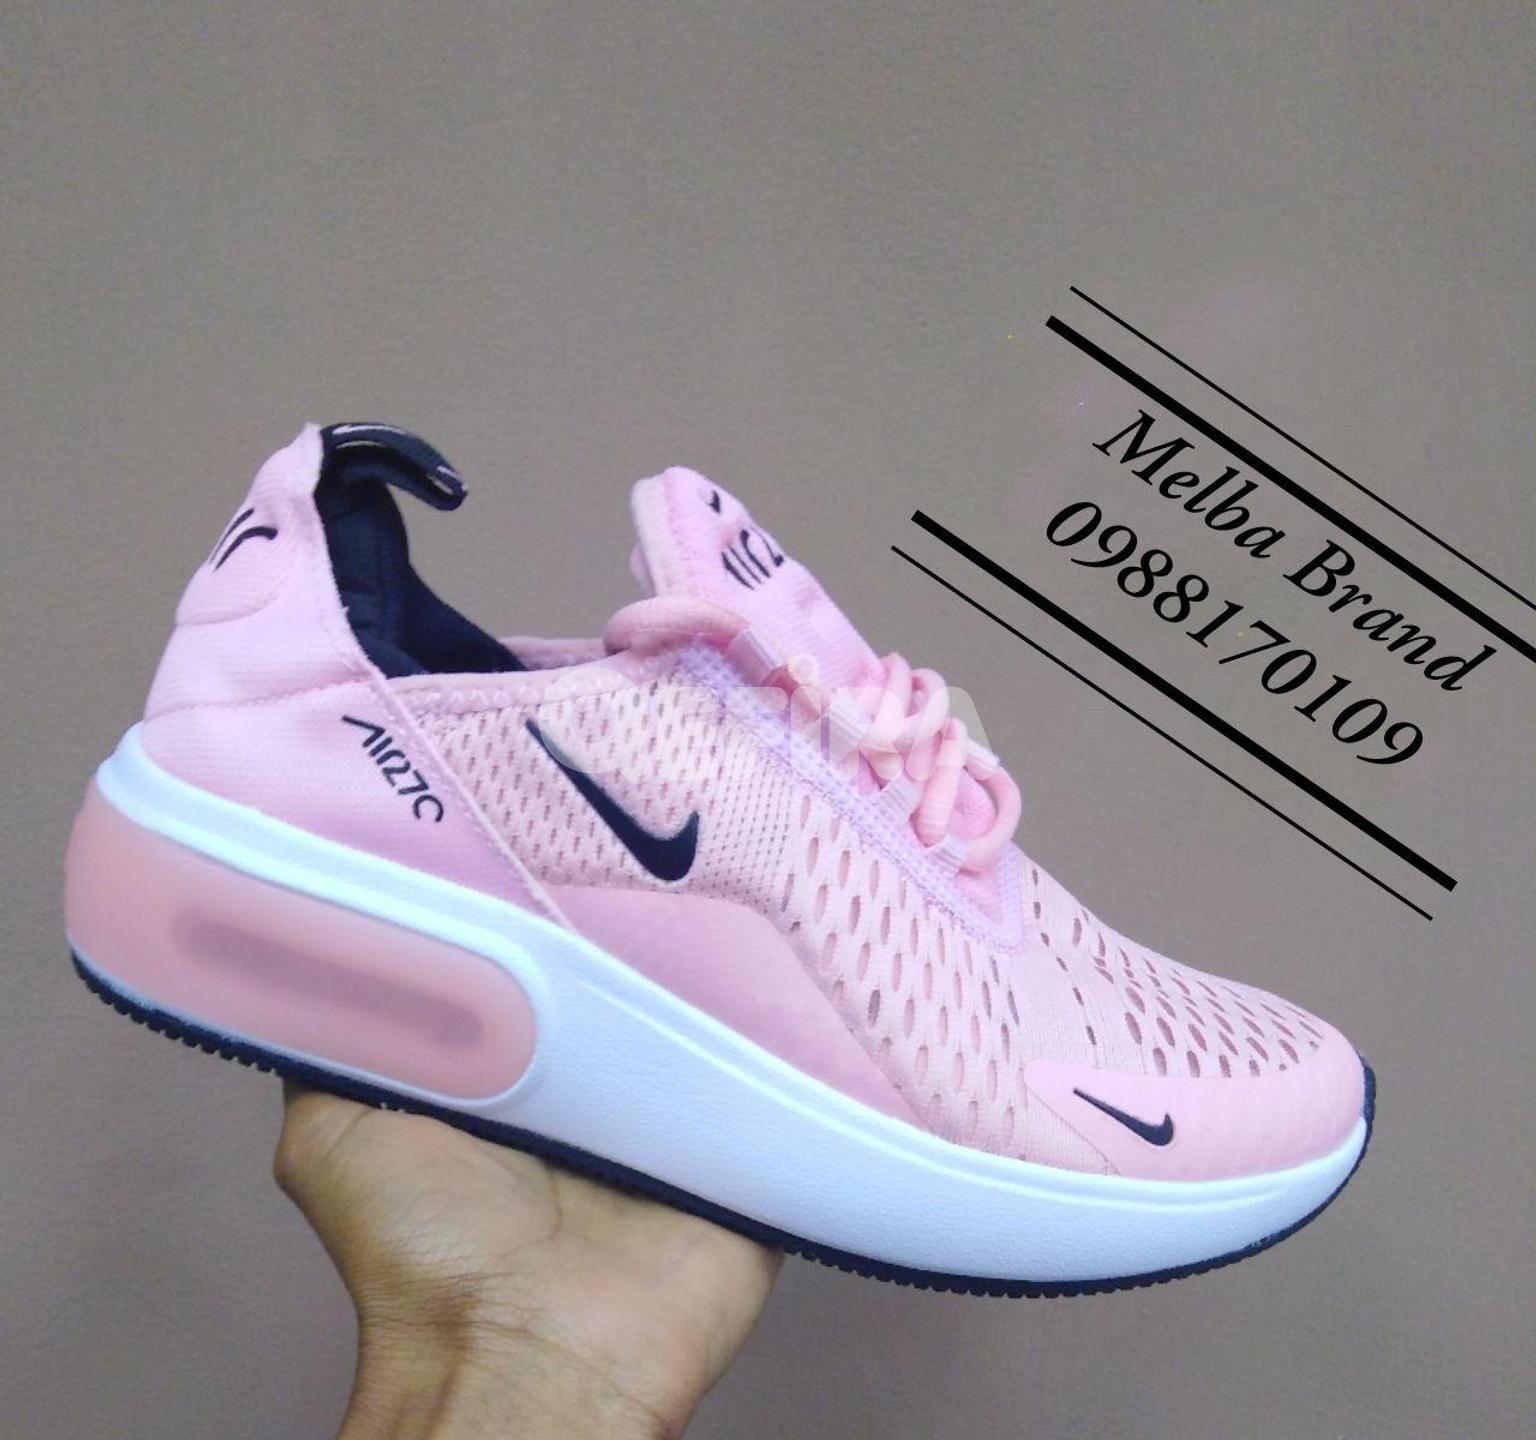 Nike 27c Women's Shoe in Addis Ababa